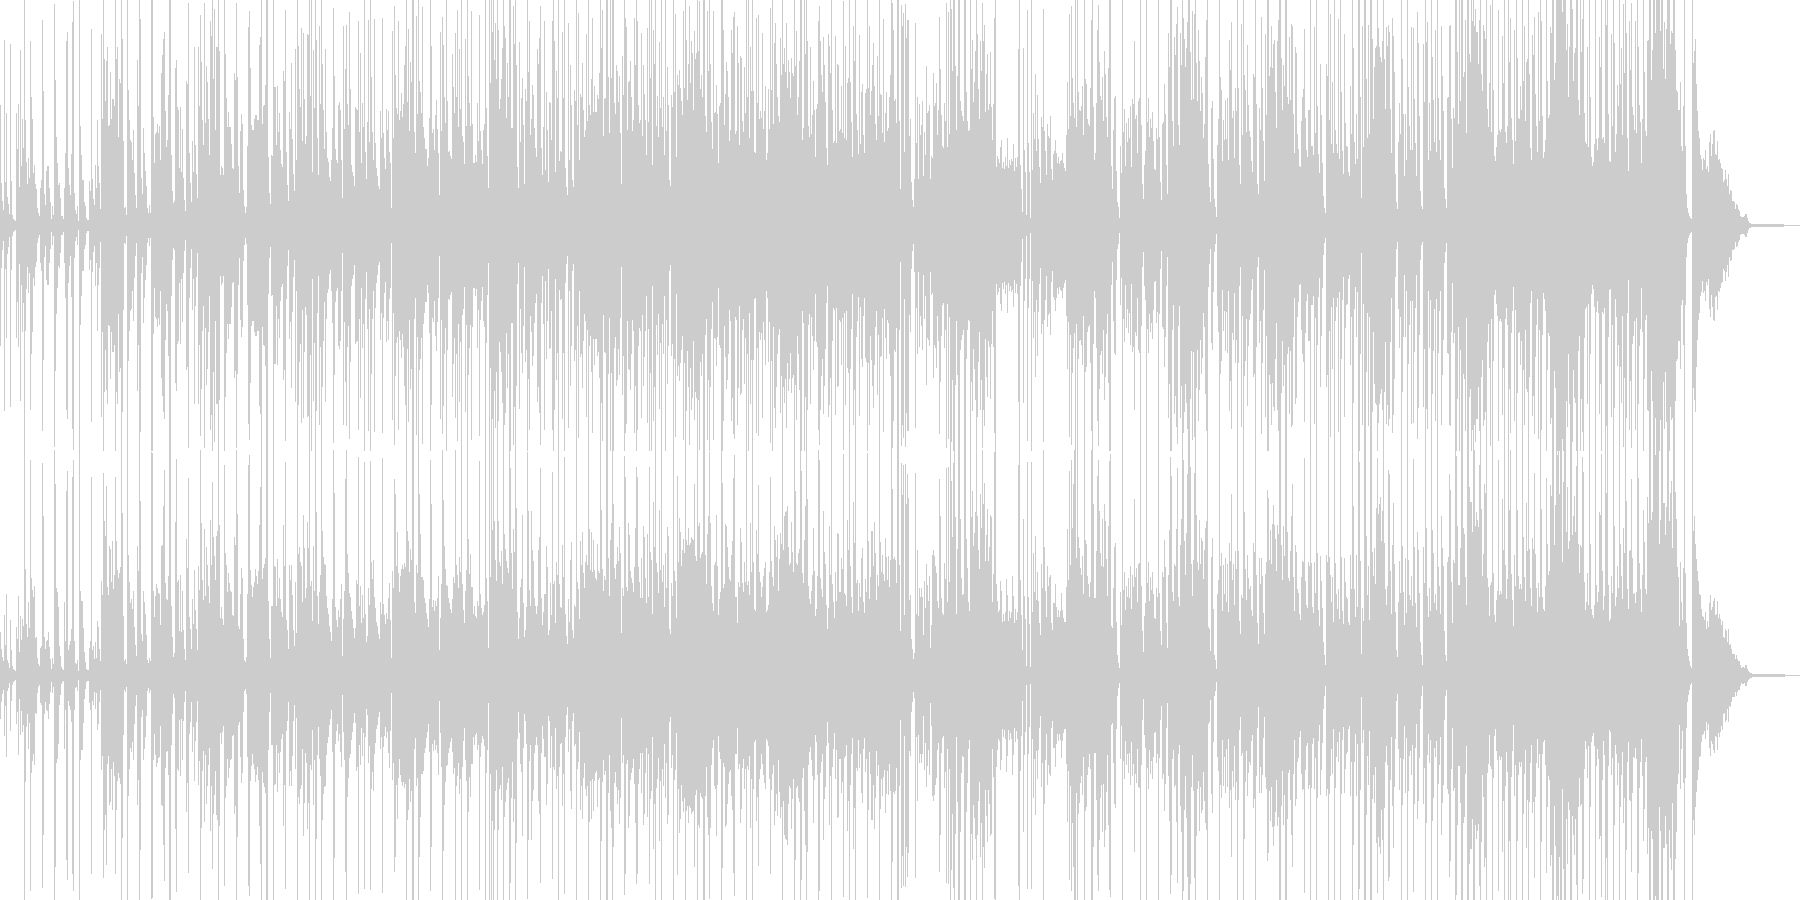 コメディに適したポップス・ベース有の未再生の波形